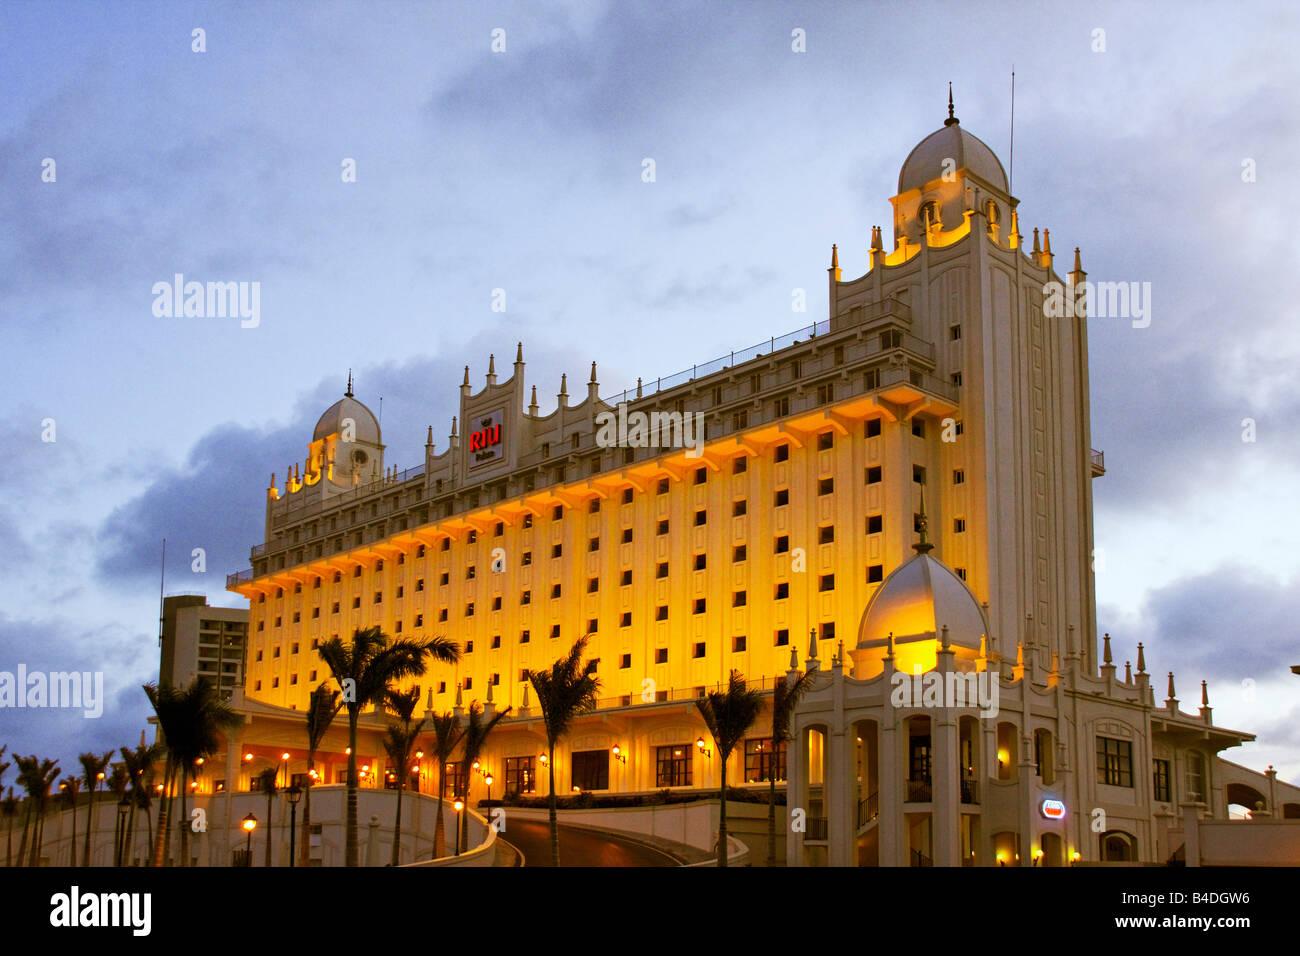 Palm Beach Aruba Antilles néerlandaises Antilles Amérique Centrale Riu Hotel Casino Banque D'Images